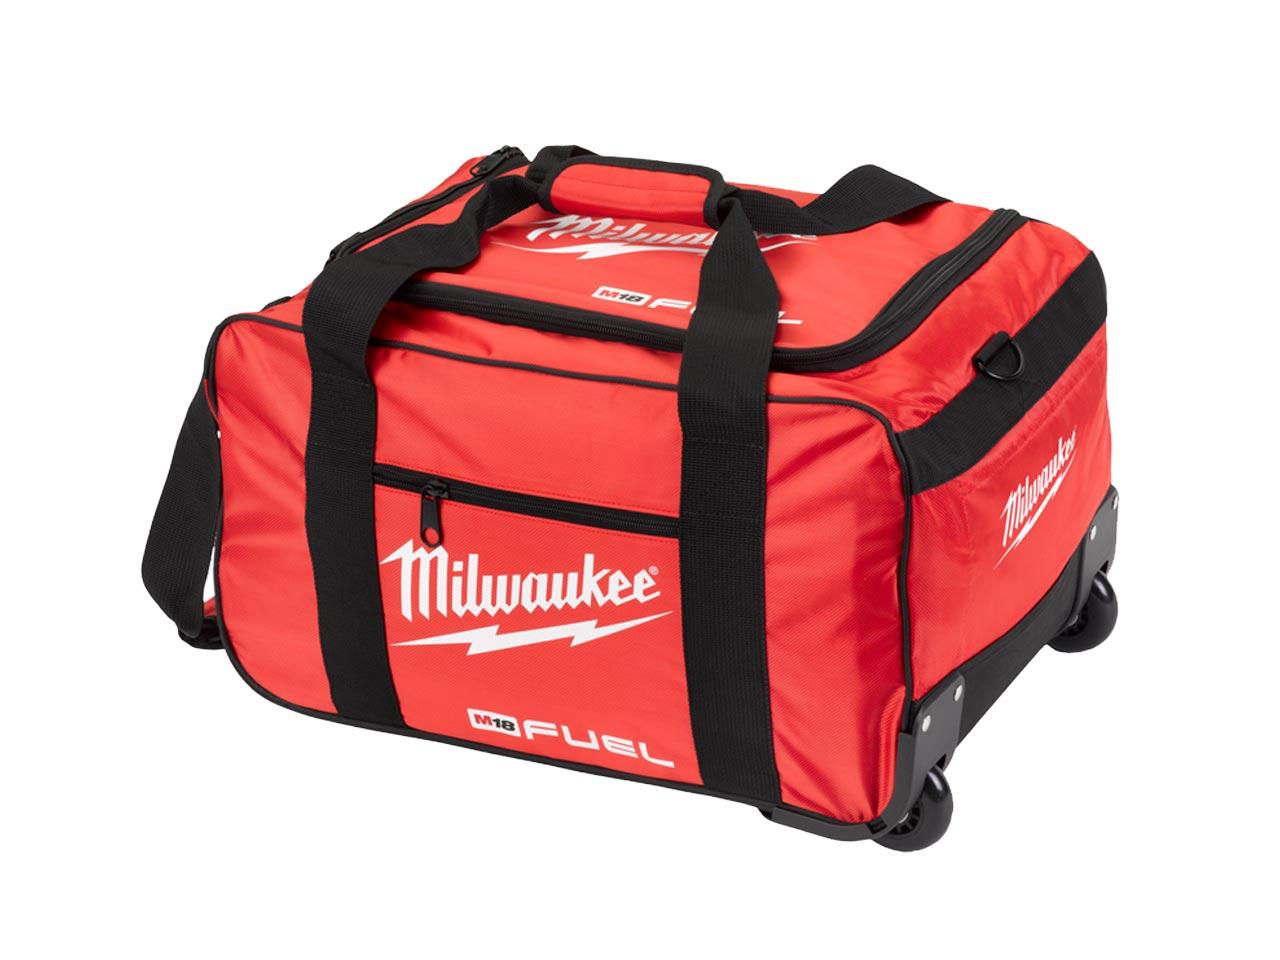 Milwaukee_4933459429.jpg